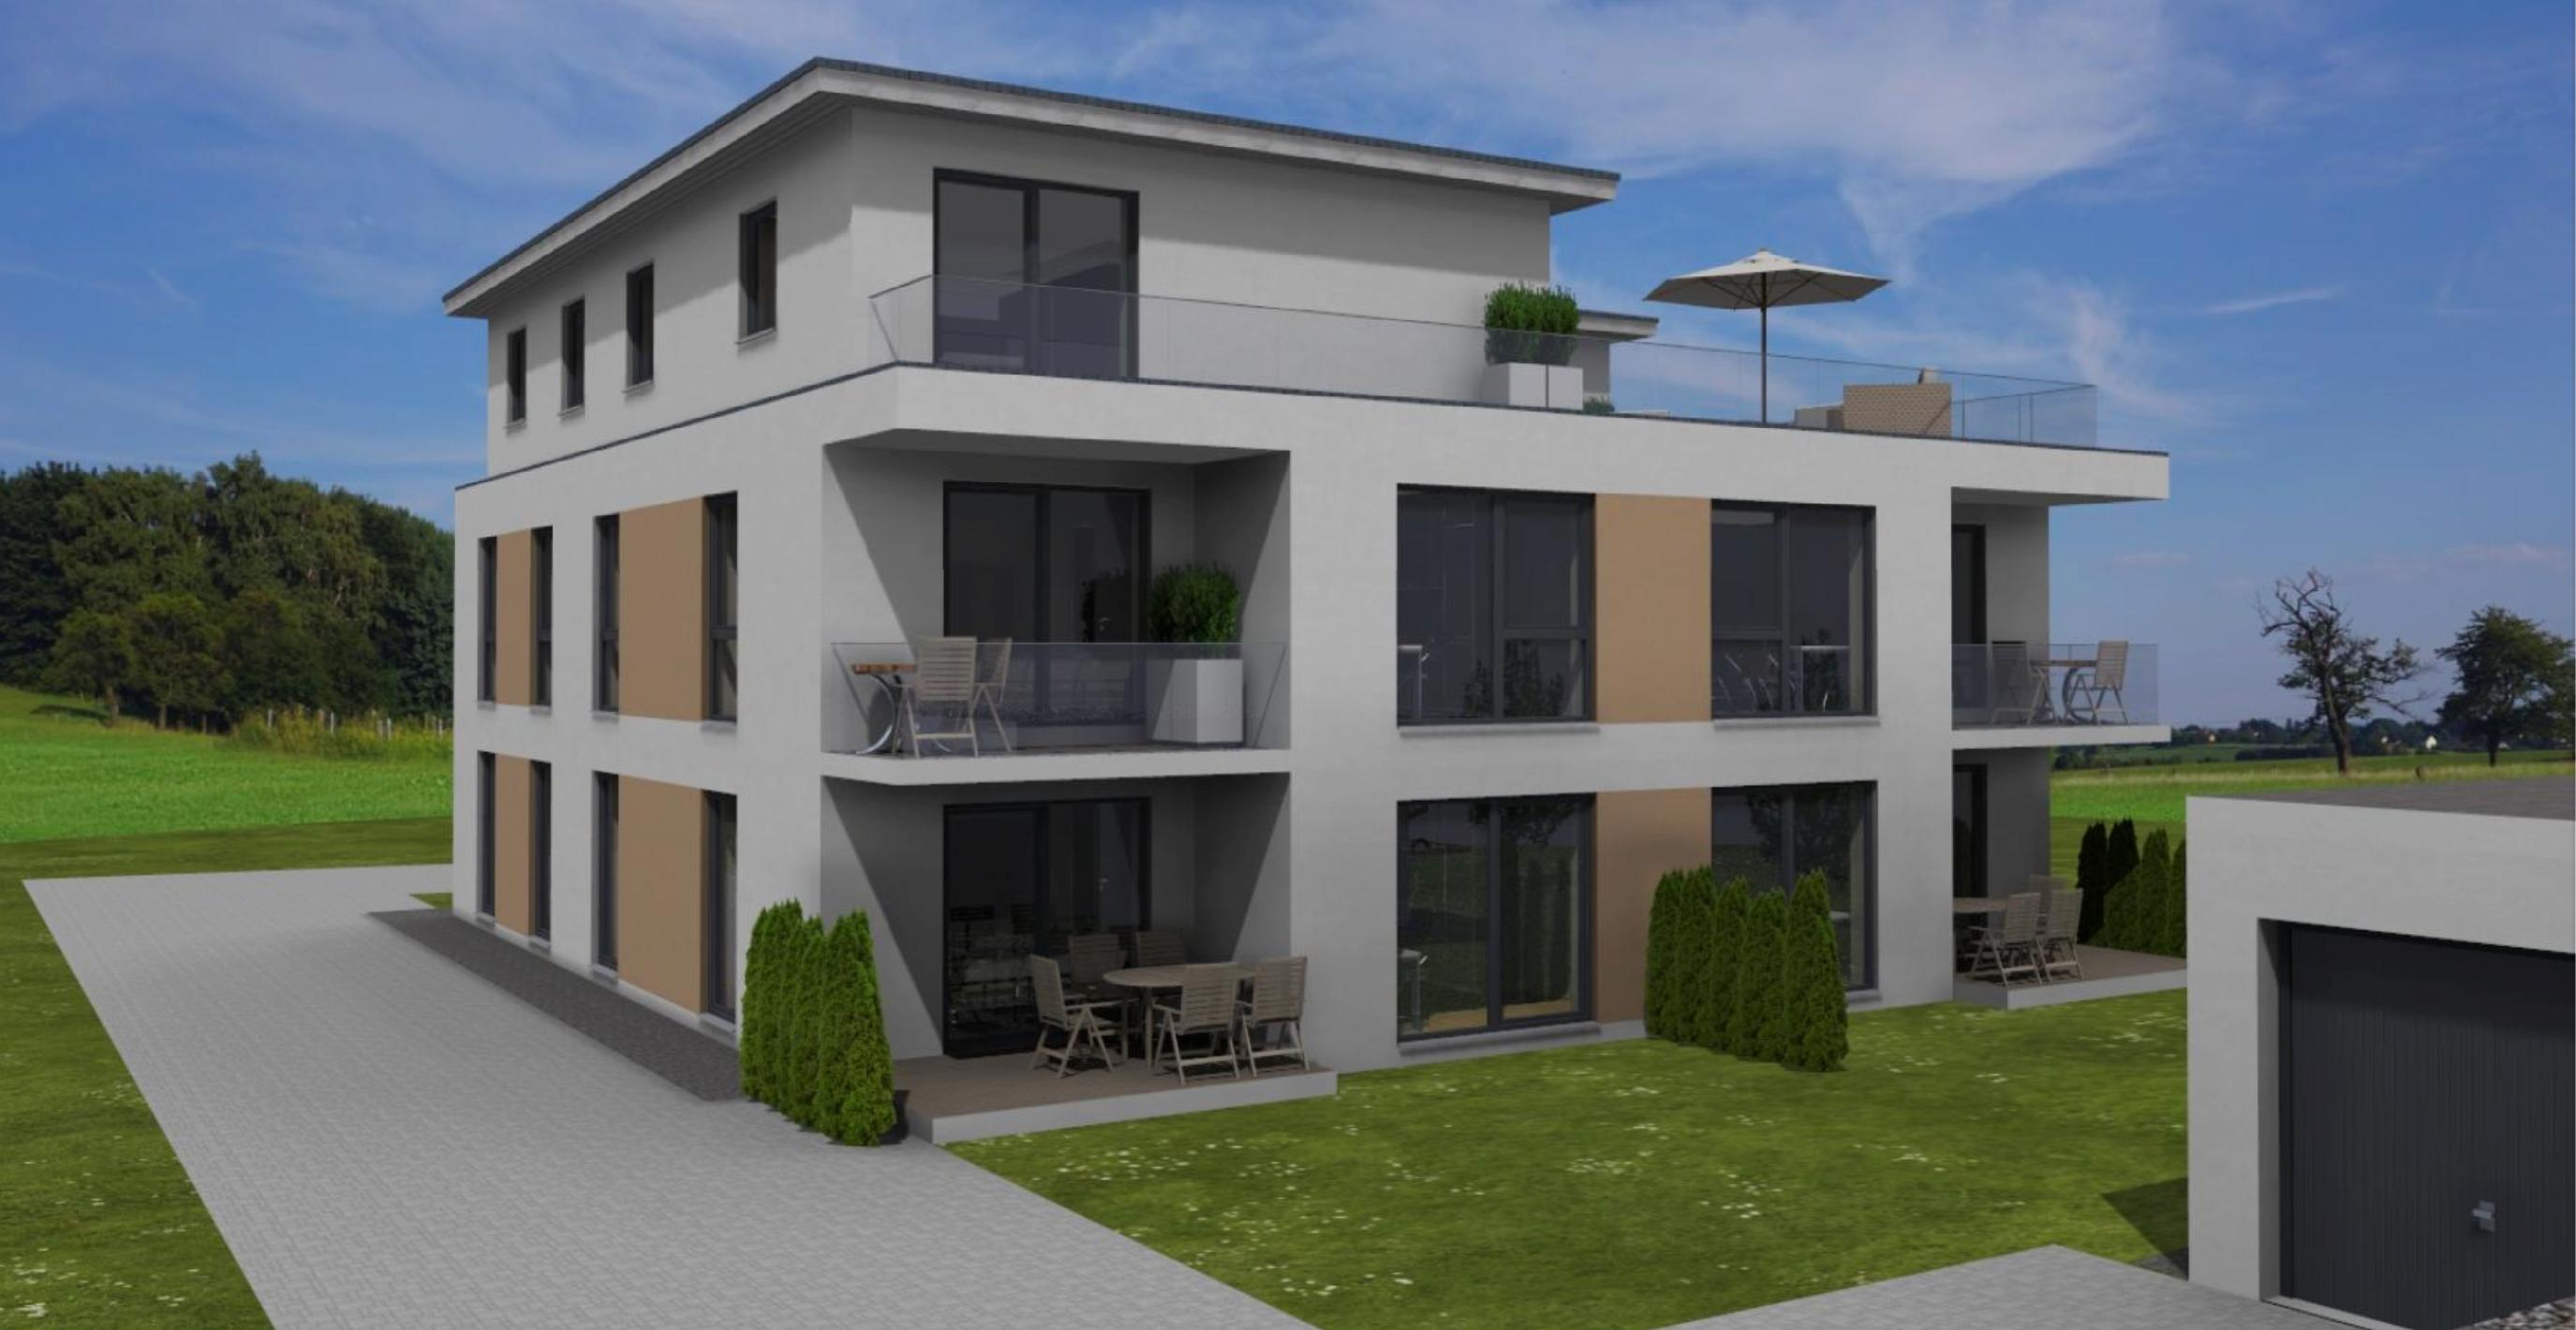 Erstbezug-Wunderschöne 3-Zimmer-Wohnung mit sonniger Terrasse in bevorzugter Wohnlage